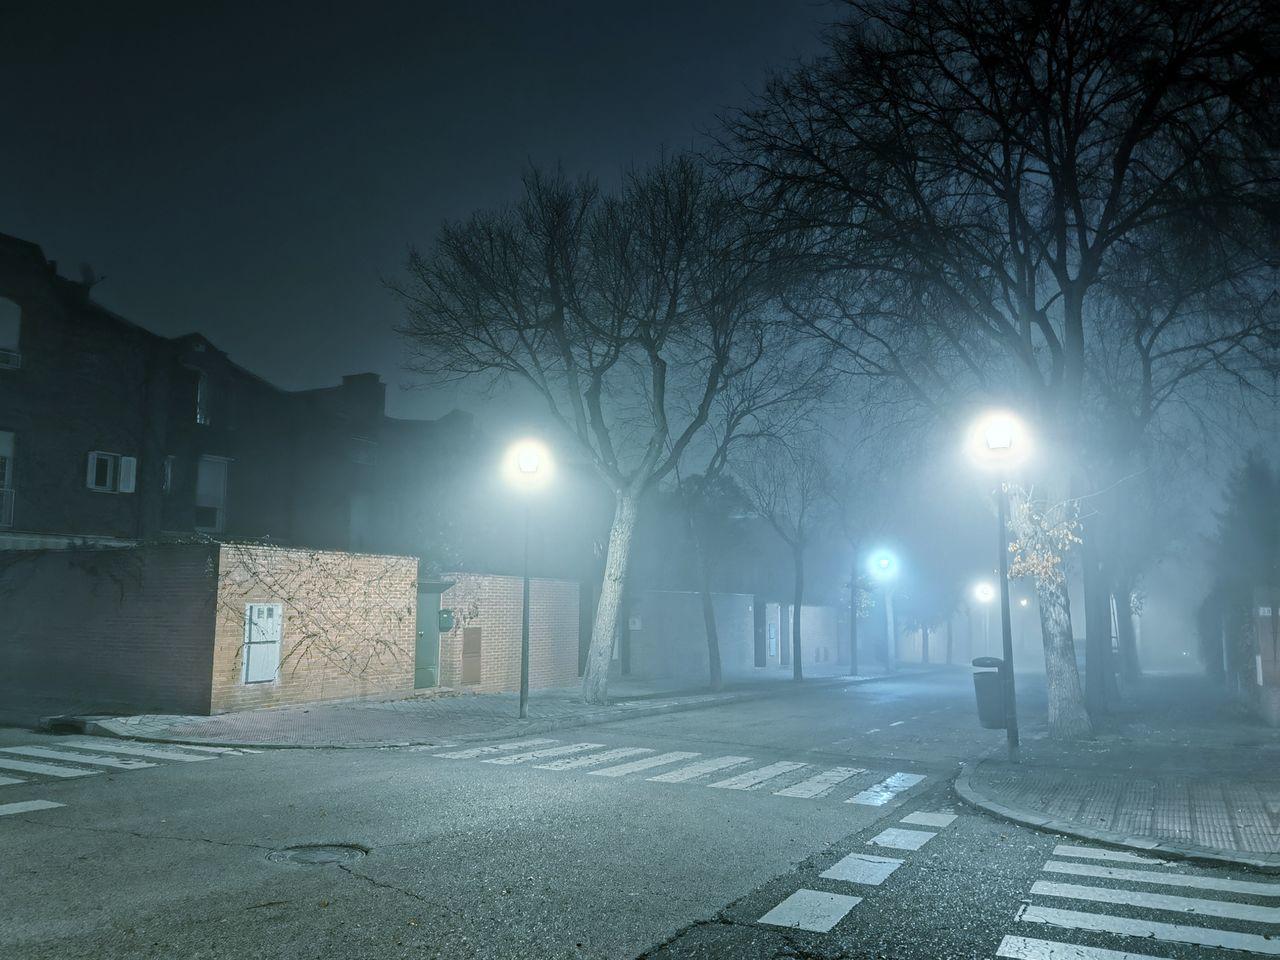 EMPTY ROAD ALONG ILLUMINATED TREES AT NIGHT